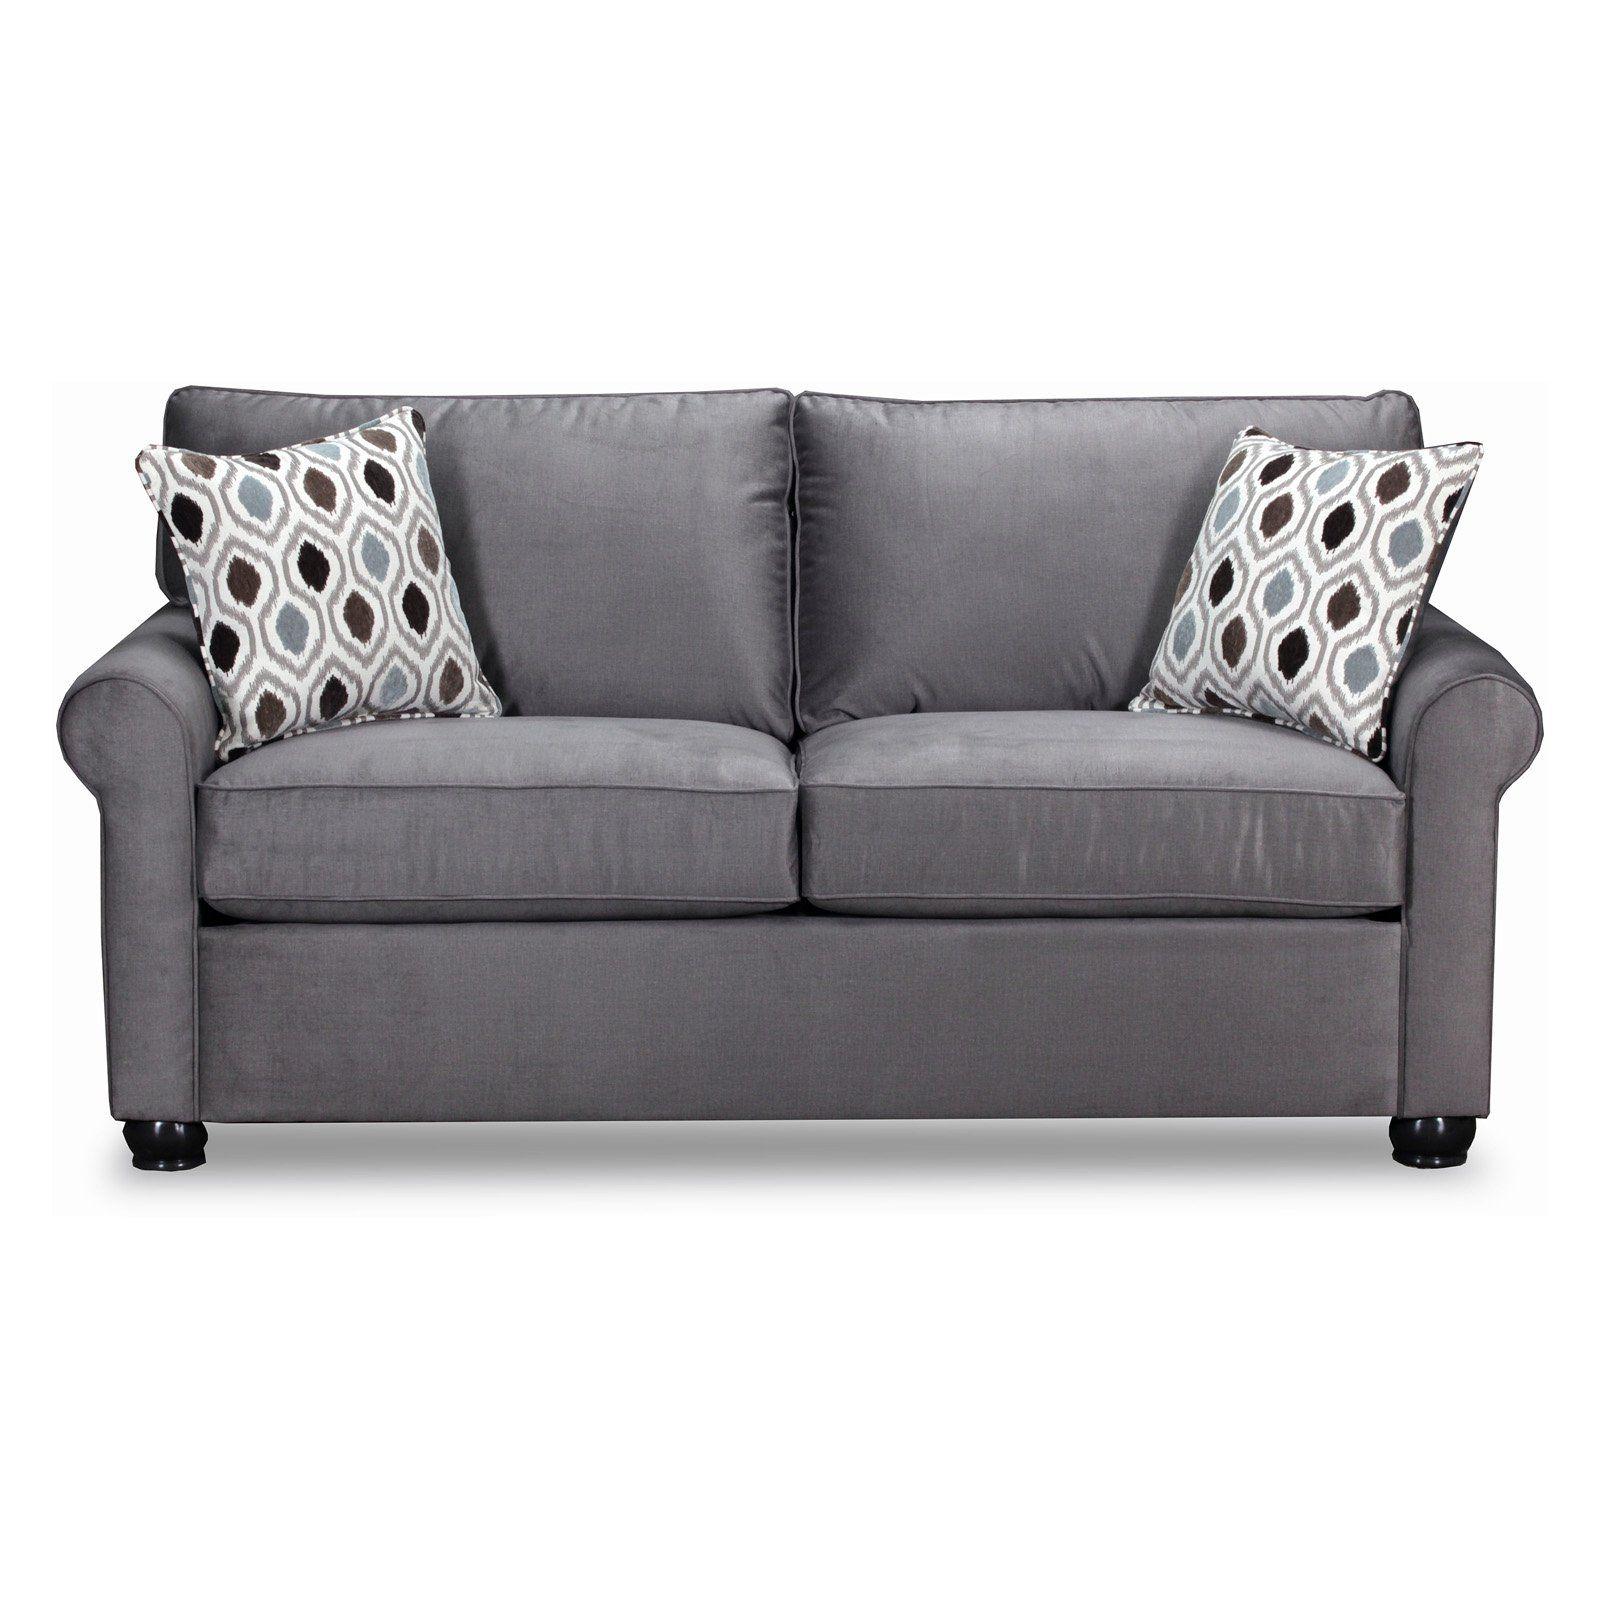 Simmons Upholstery Jojo Full Sleeper Sofa Smoke Sofa Upholstery Full Sleeper Sofa Sofa Bed Sale